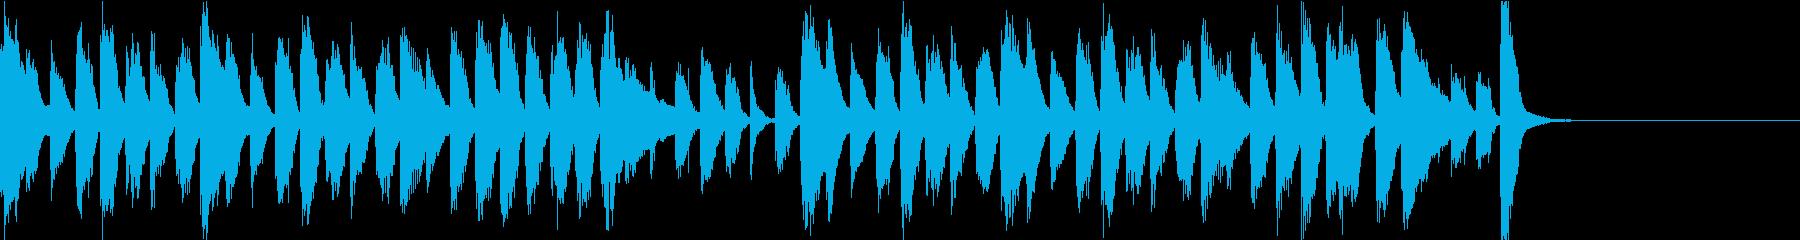 のんびりほのぼのとした和風BGMの再生済みの波形